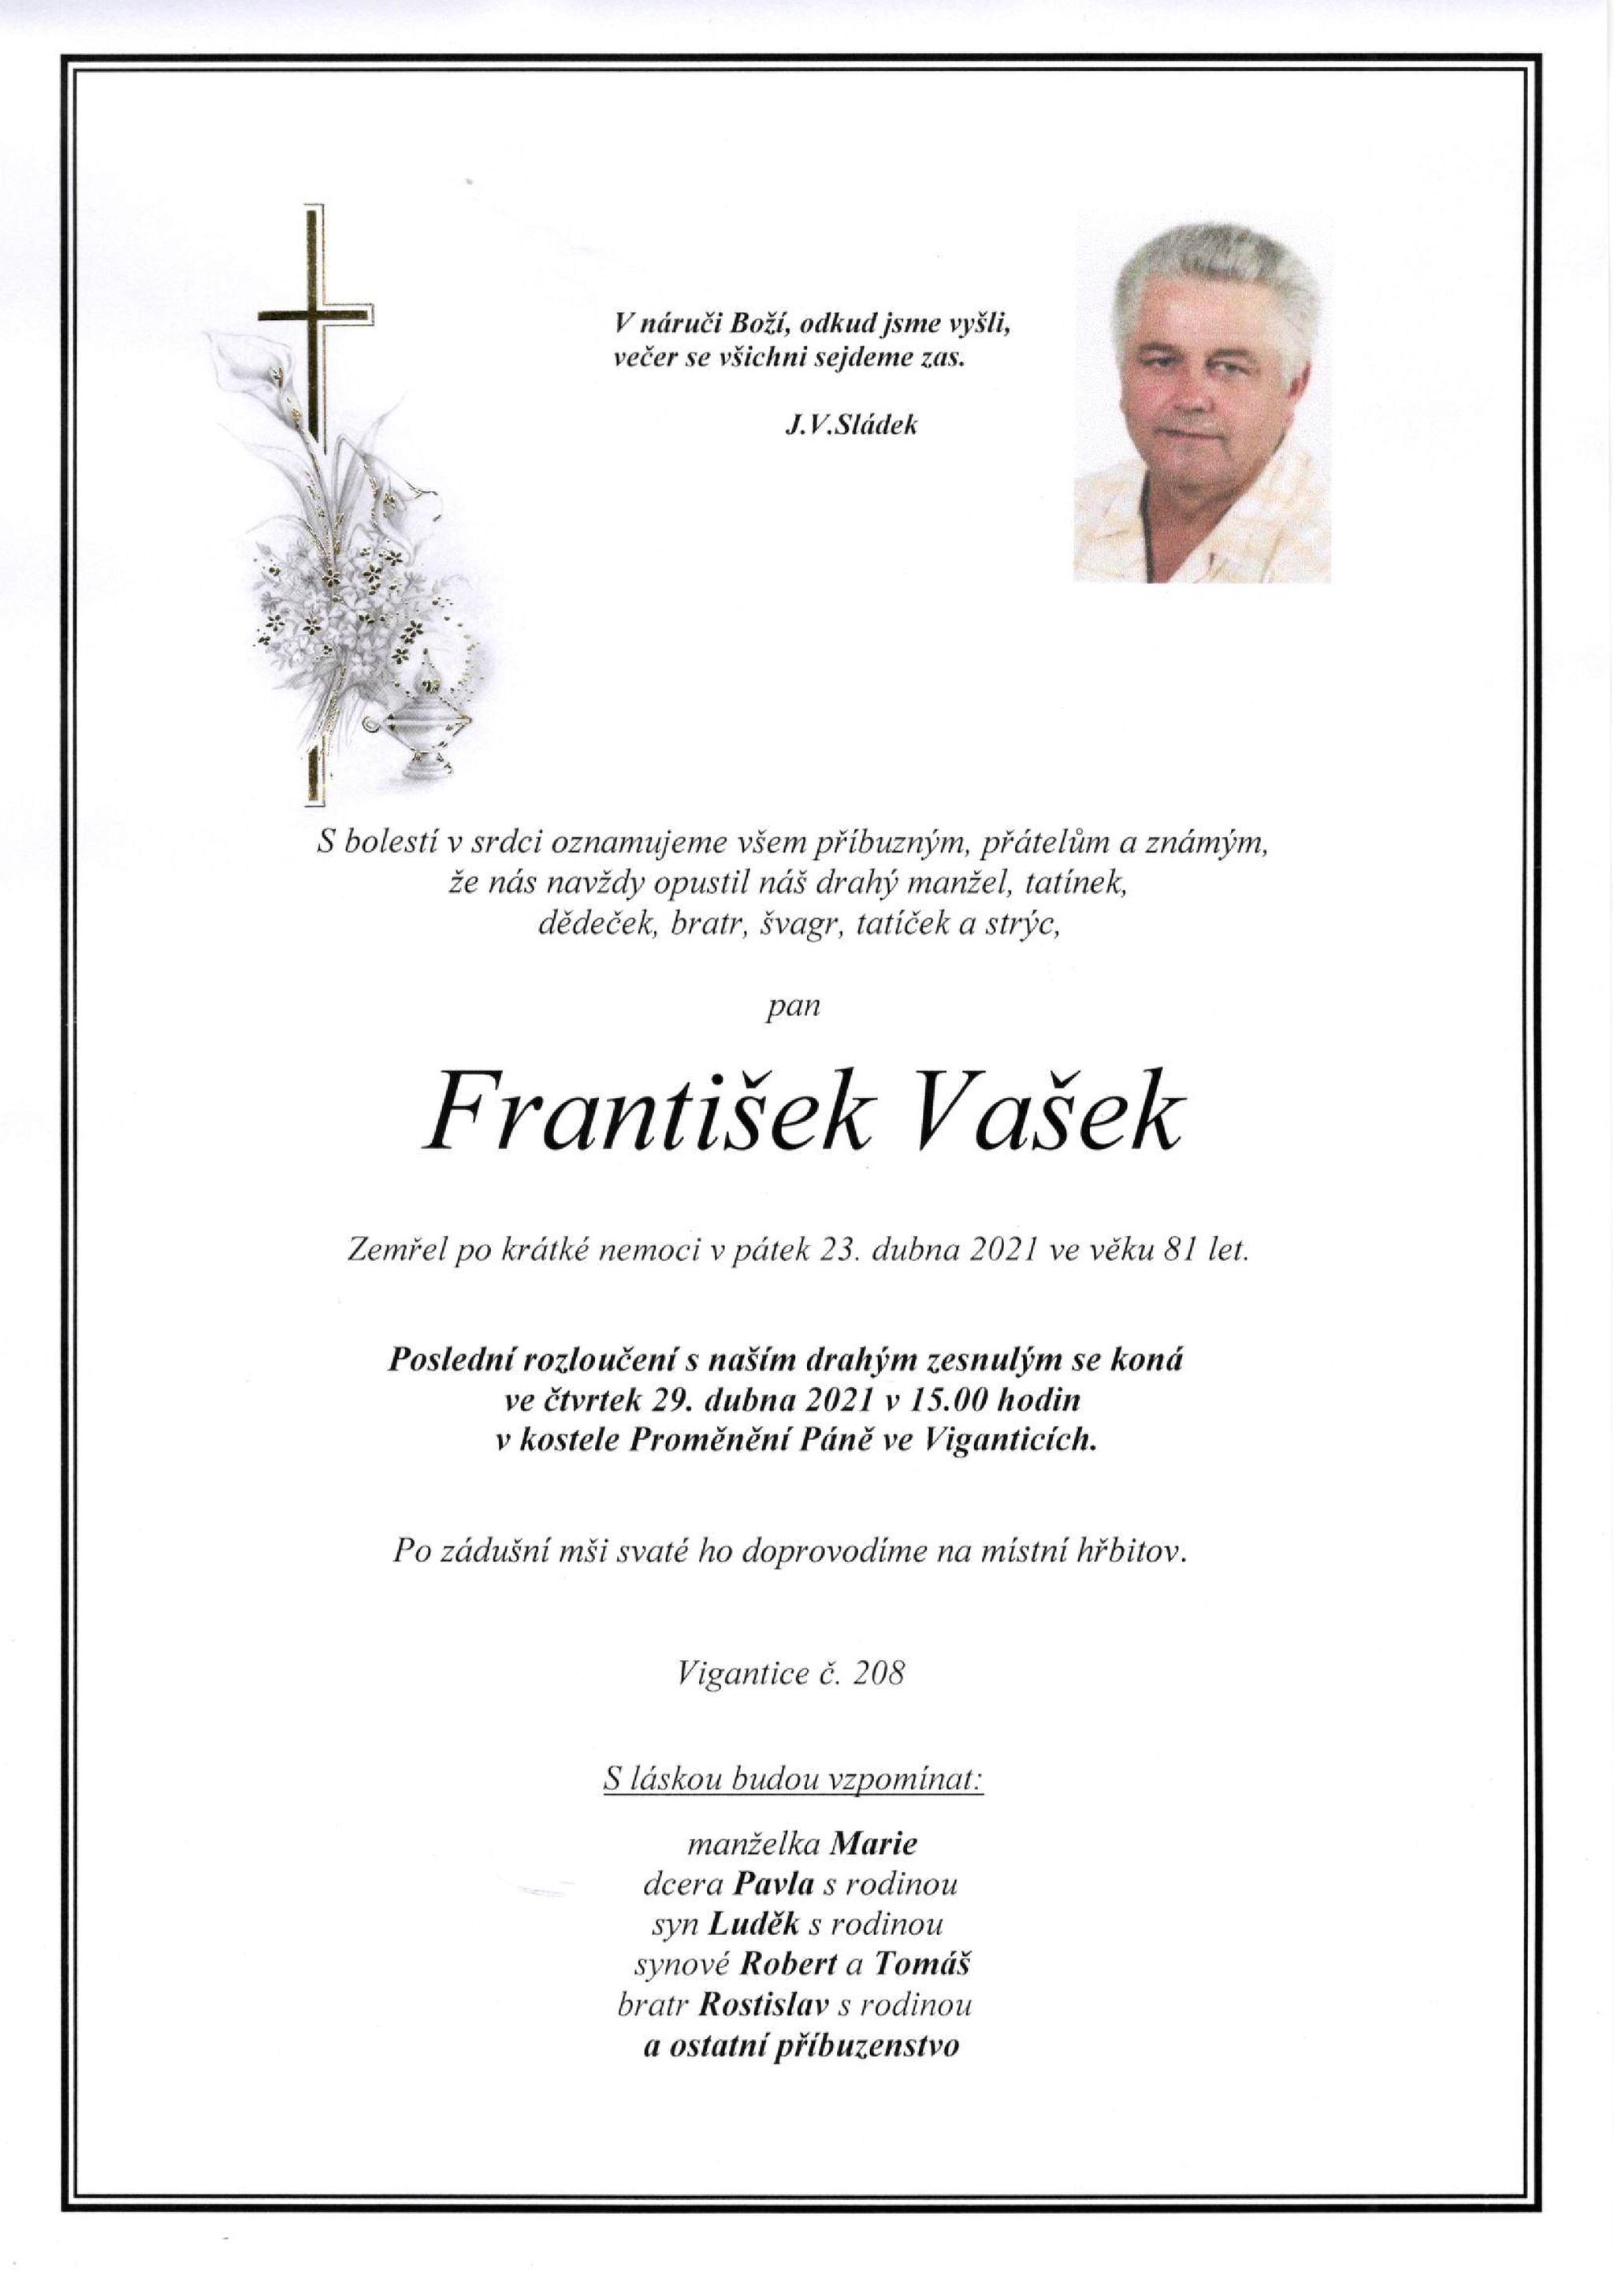 František Vašek